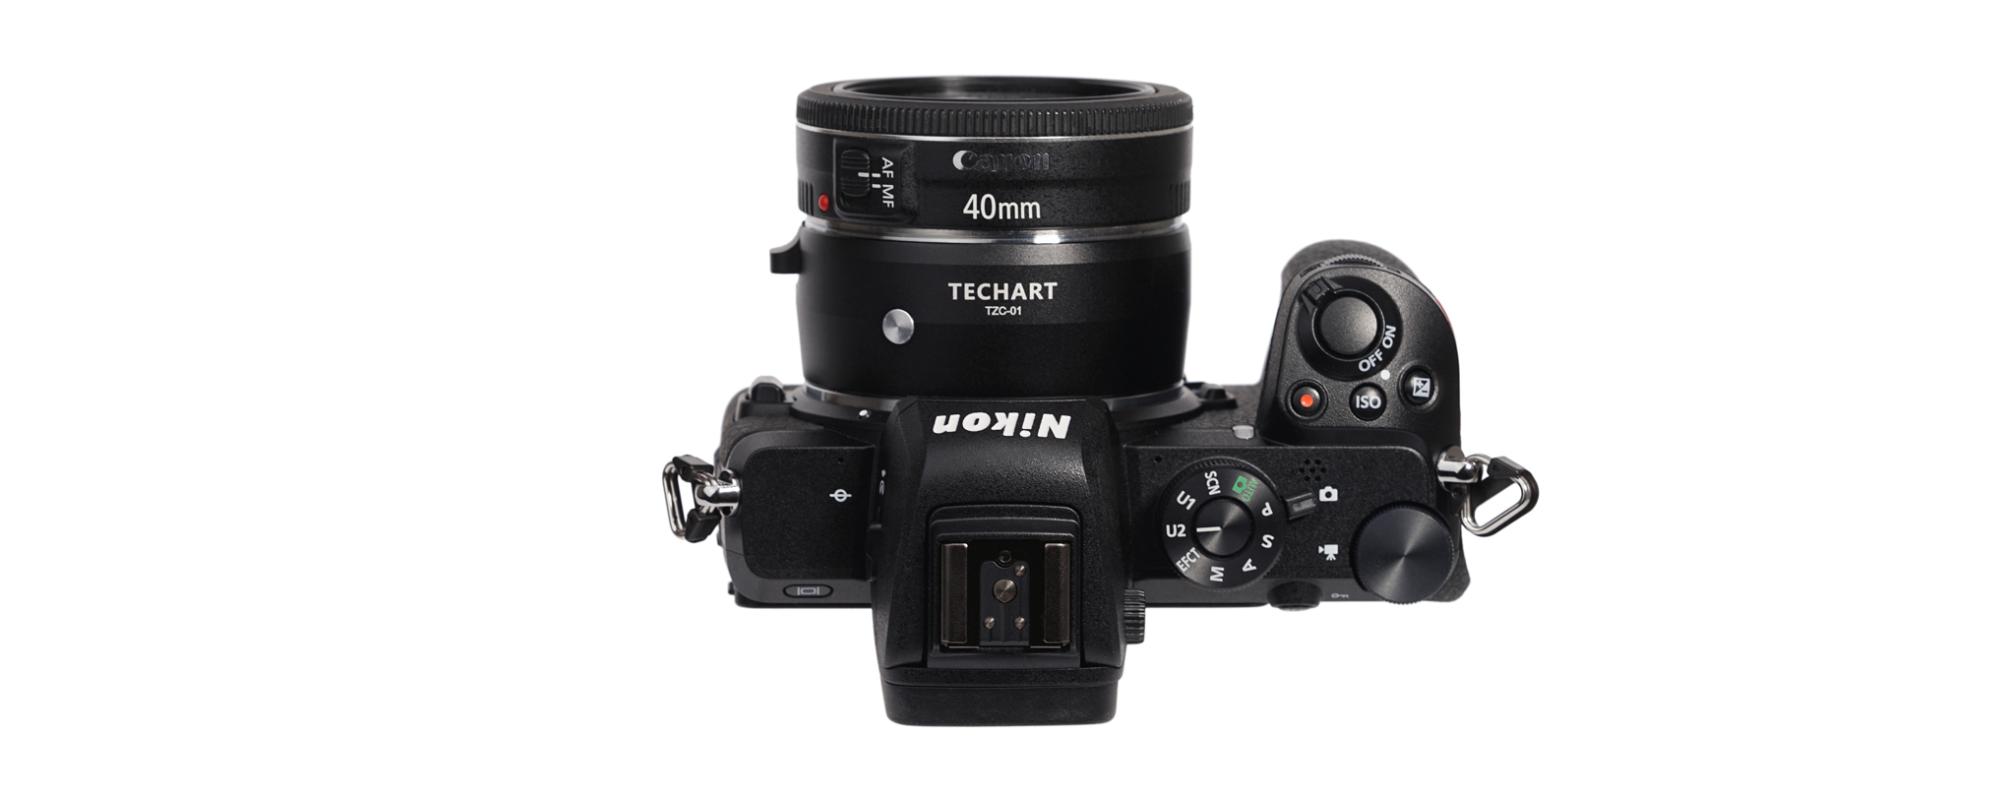 Adapter bagnetowy Techart TZC-01 zamocowany na aparacie Nikon Z z obiektywem Canon 40 mm